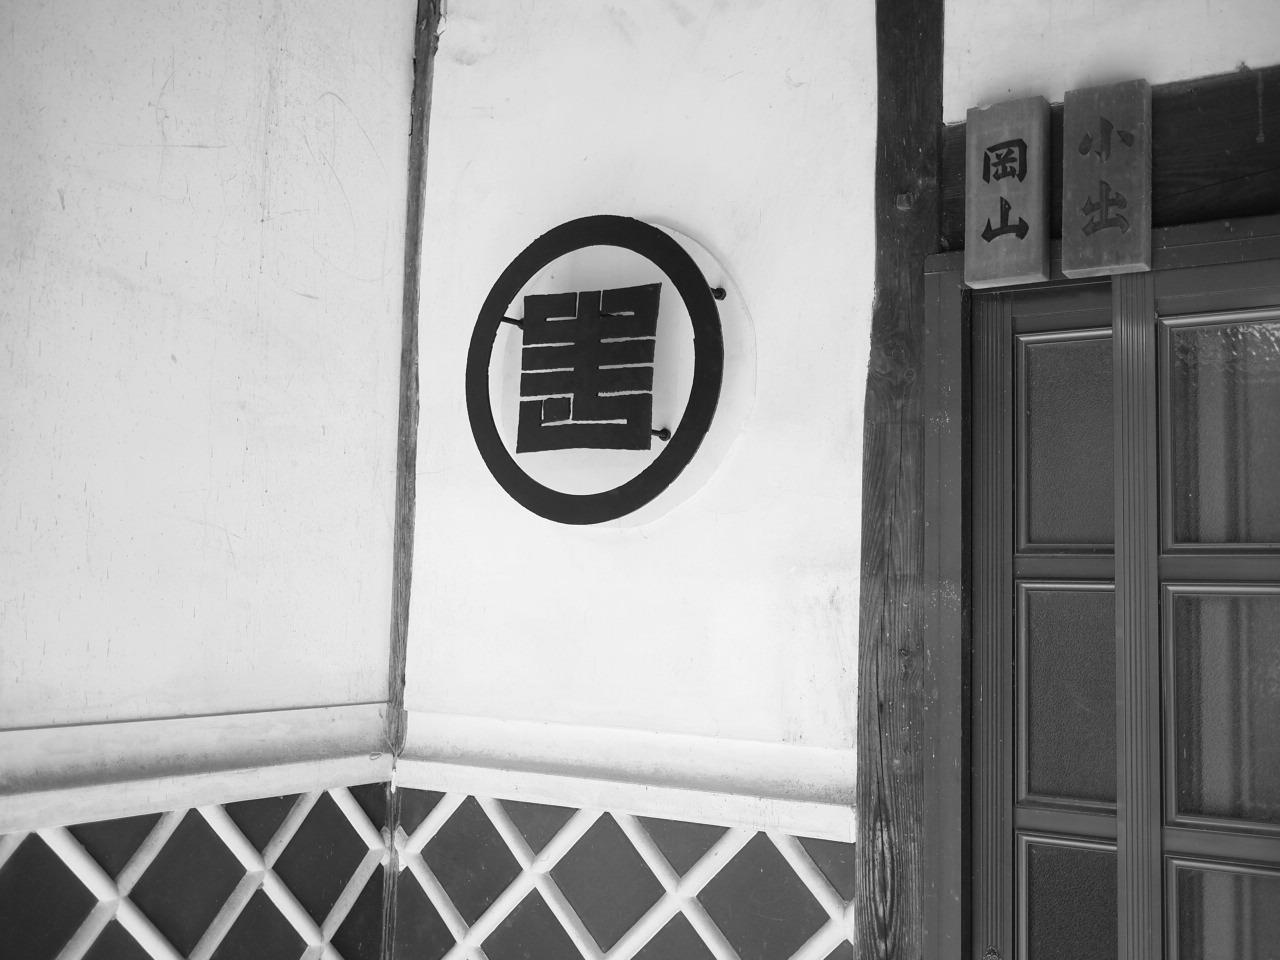 安曇野市のご自宅にアイアン製の家紋を製作、取り付けて来ました。_a0206732_17083680.jpg